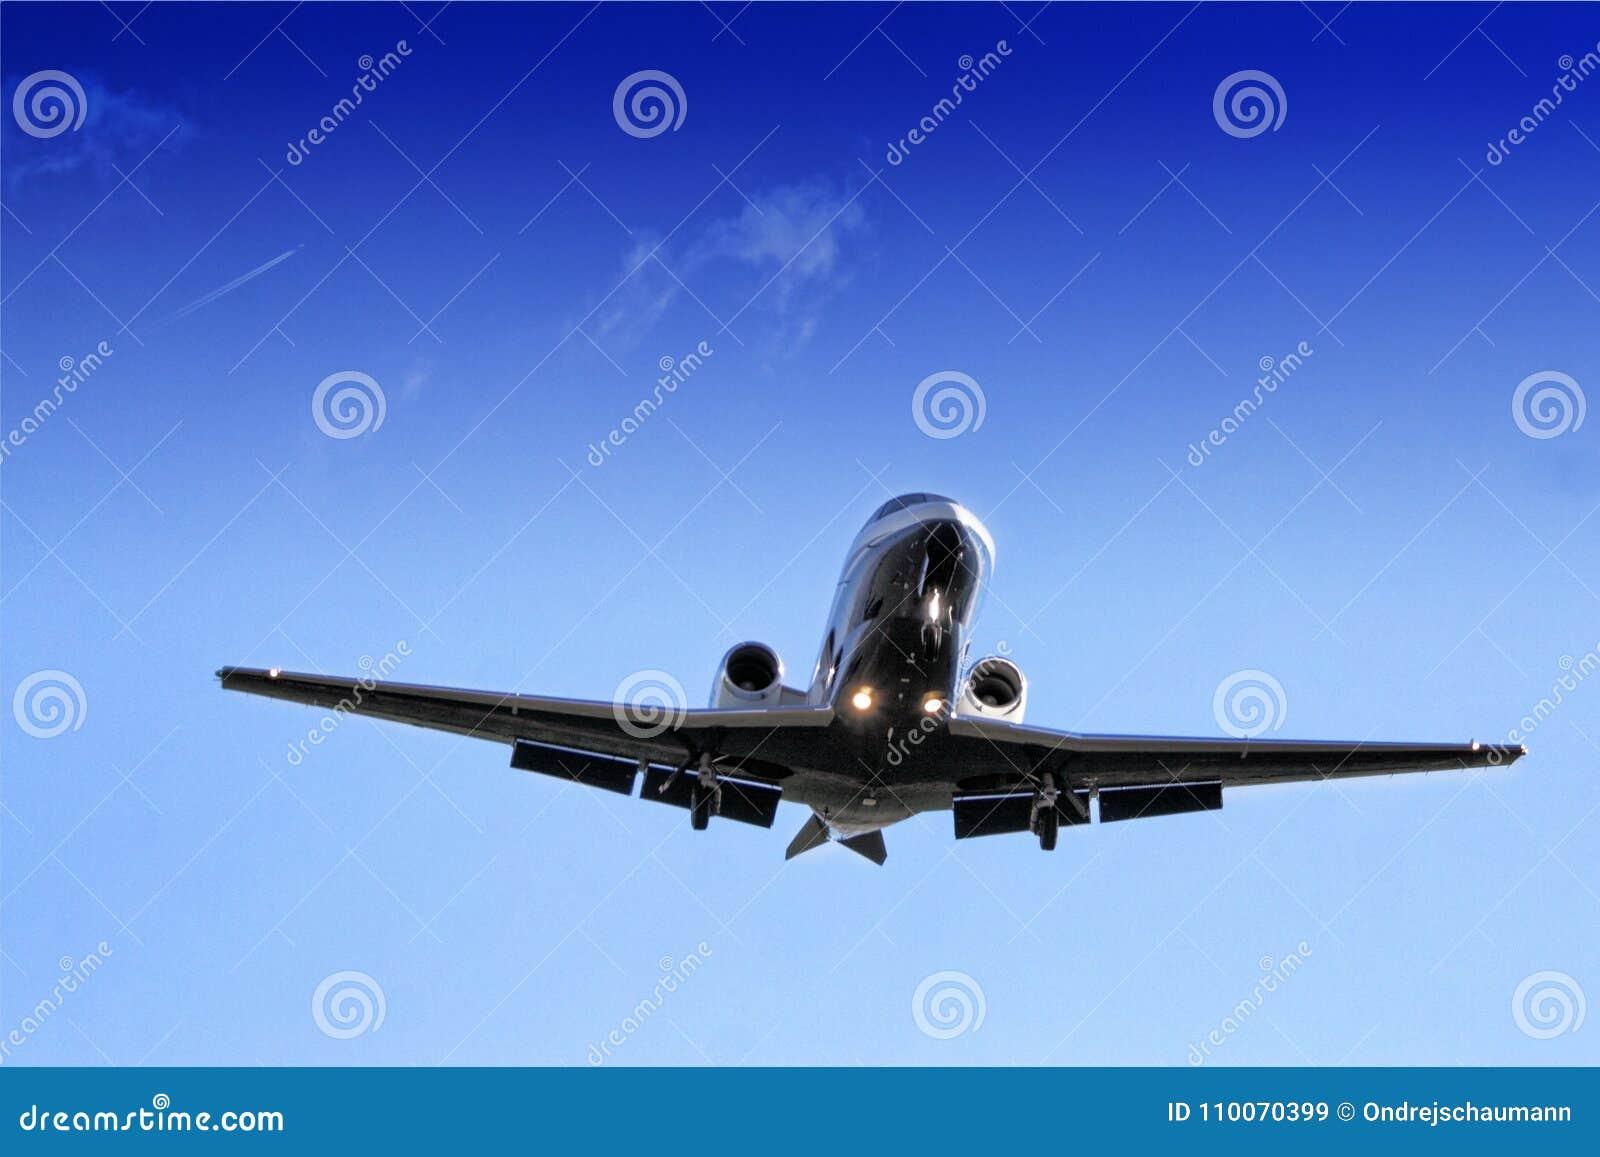 Detalle del jet azul del negocio con las luces de acercamiento que sobrevuelan